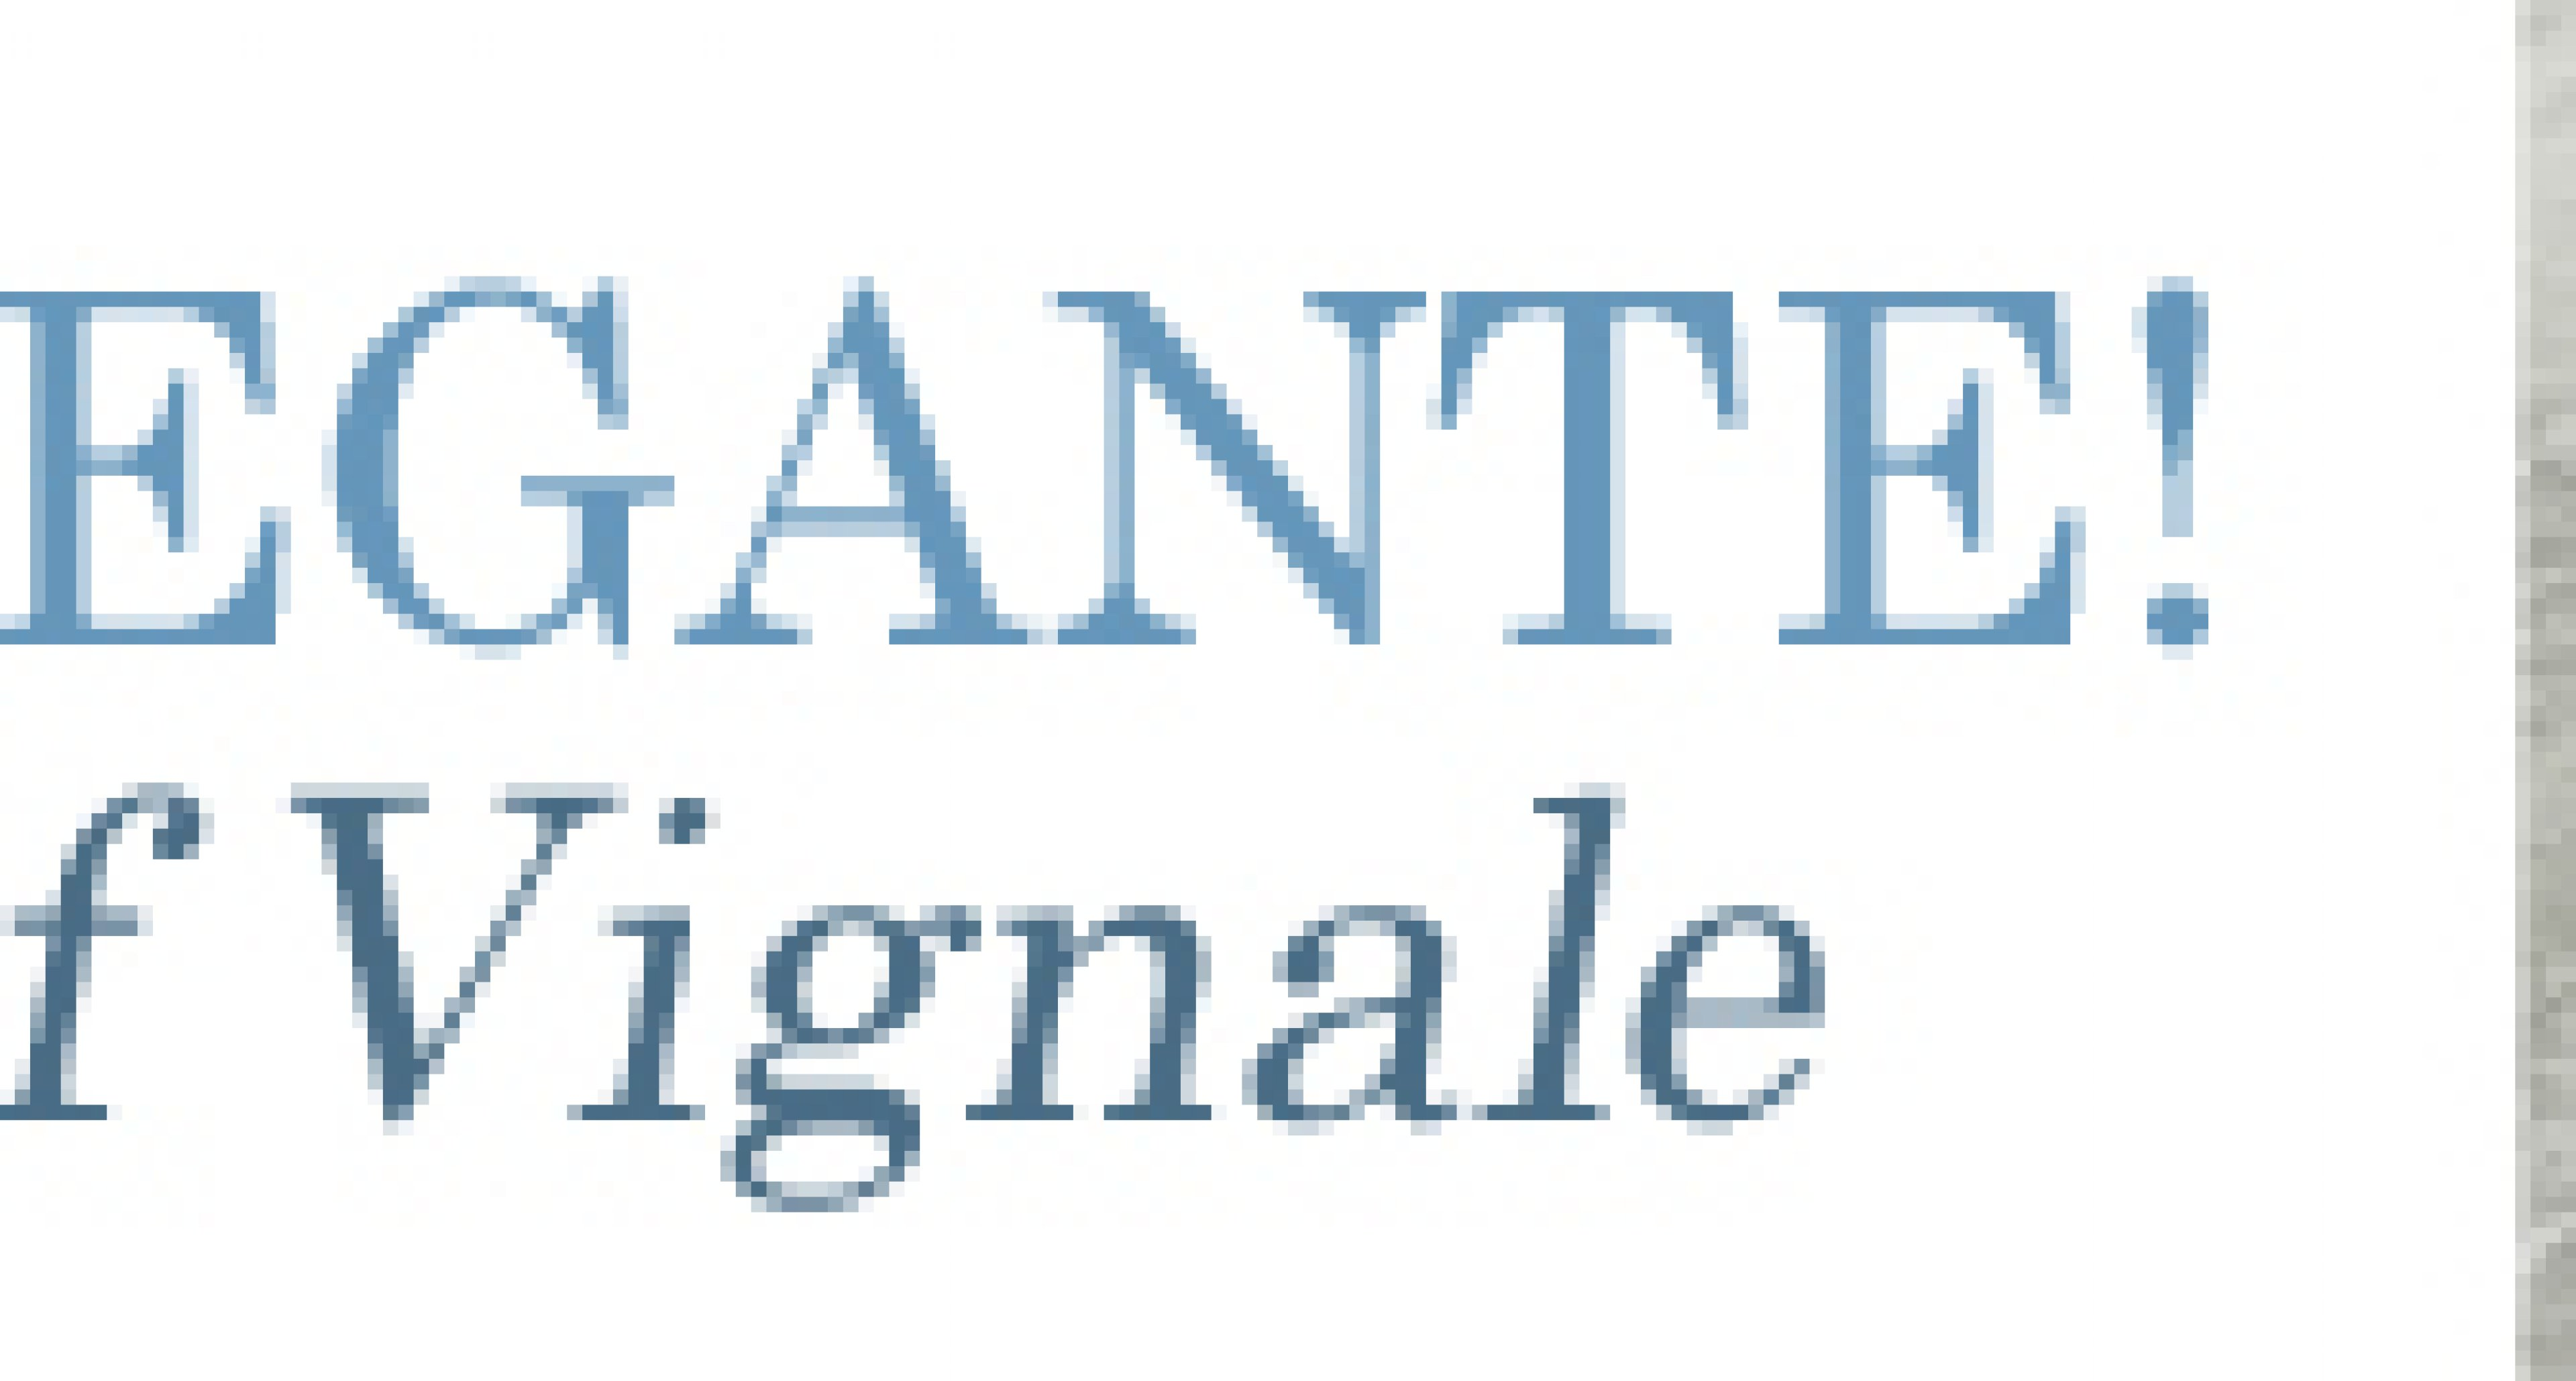 Molto Elegante: The Design of Vignale